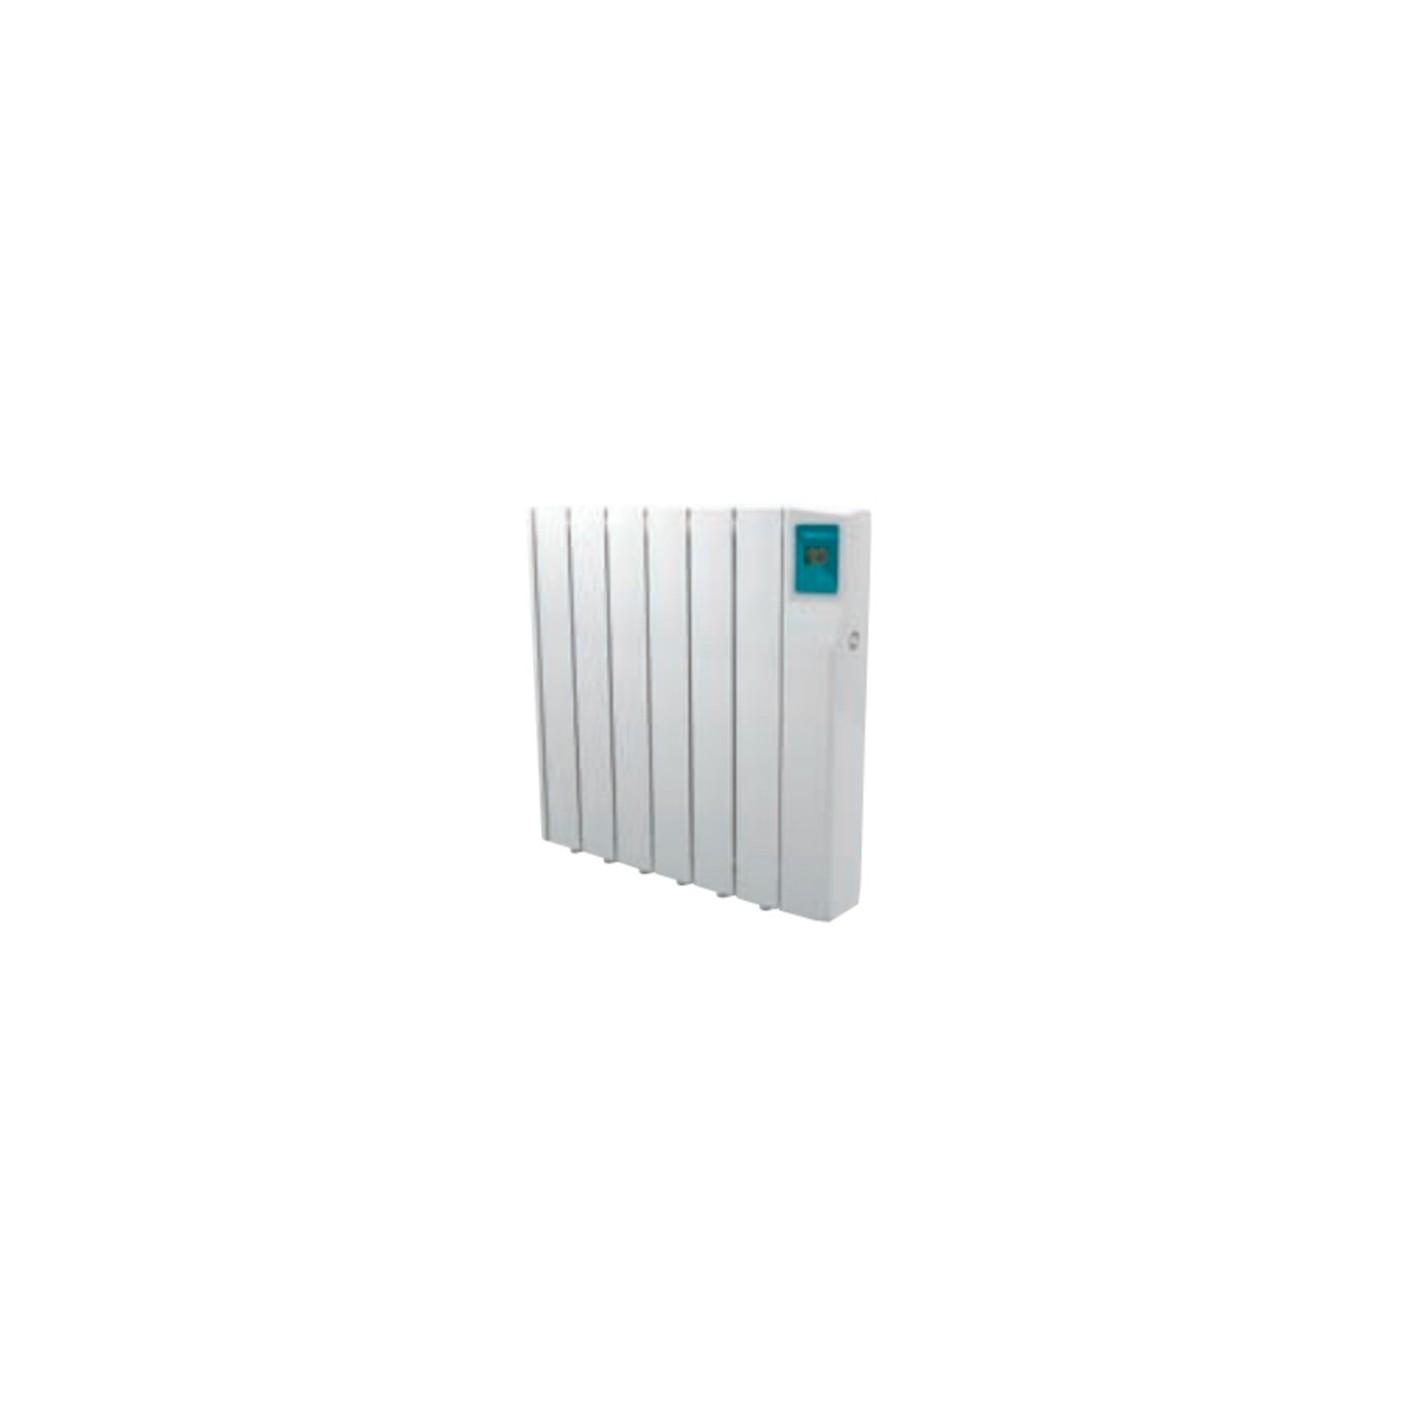 Radiador el ctrico mithos kappa150 compra online - Emisores termicos electricos ...